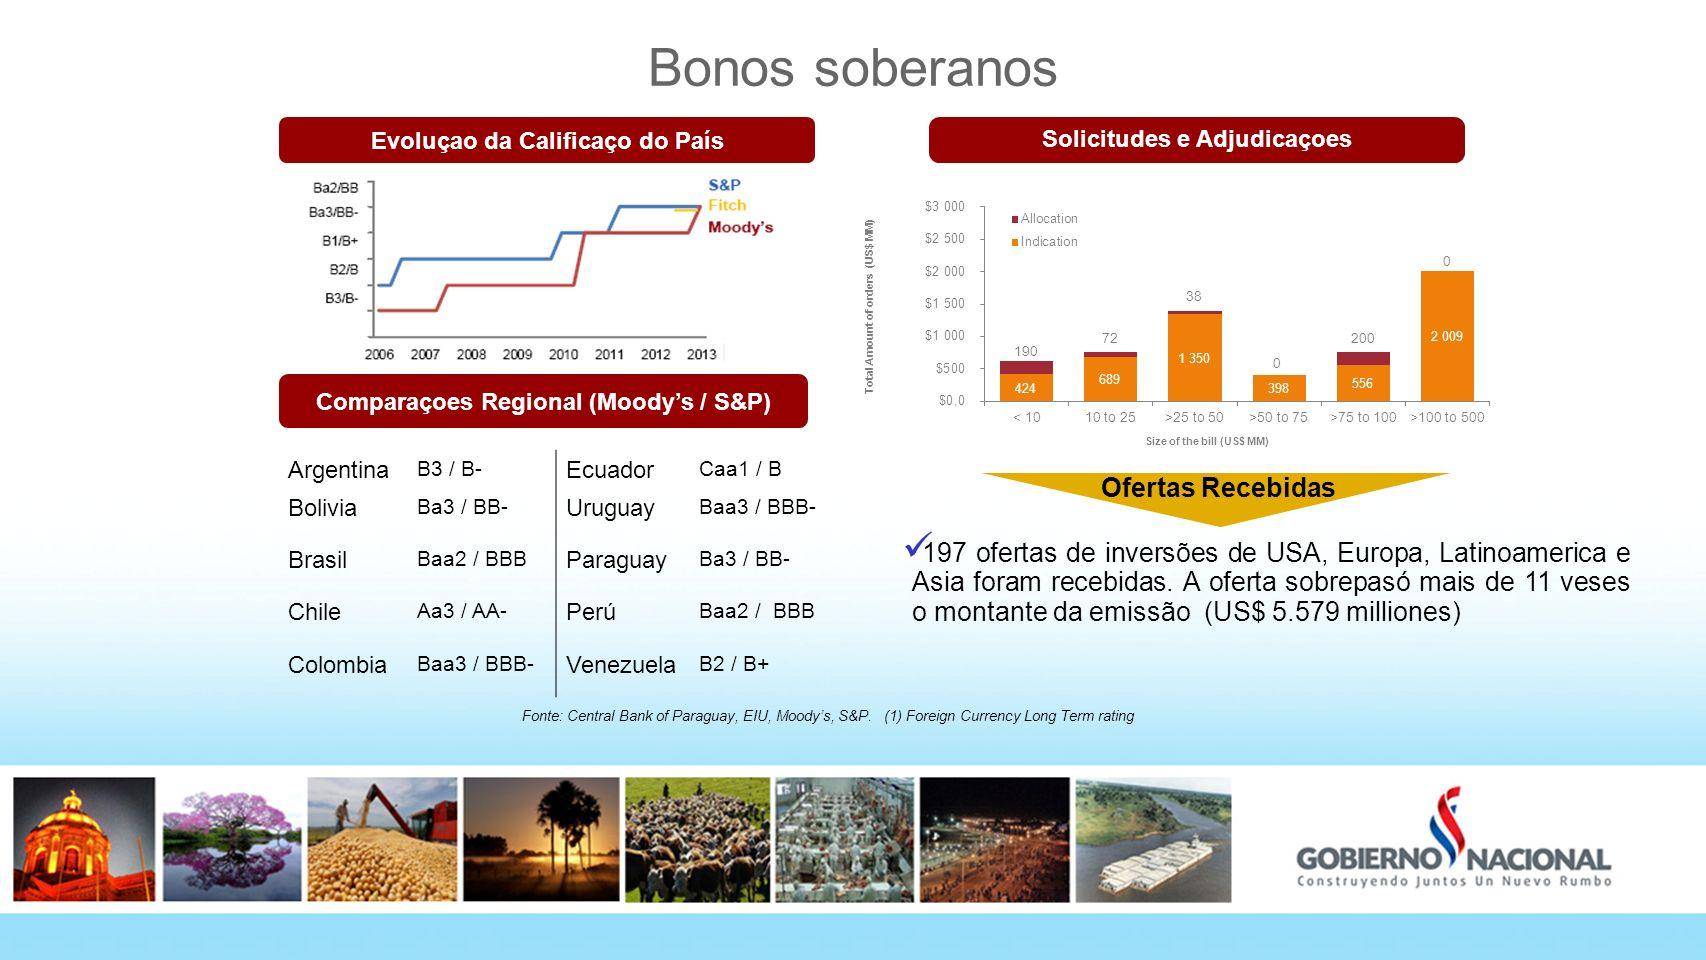 Bonos soberanos Fonte: Central Bank of Paraguay, EIU, Moodys, S&P. (1) Foreign Currency Long Term rating Evoluçao da Calificaço do País Solicitudes e